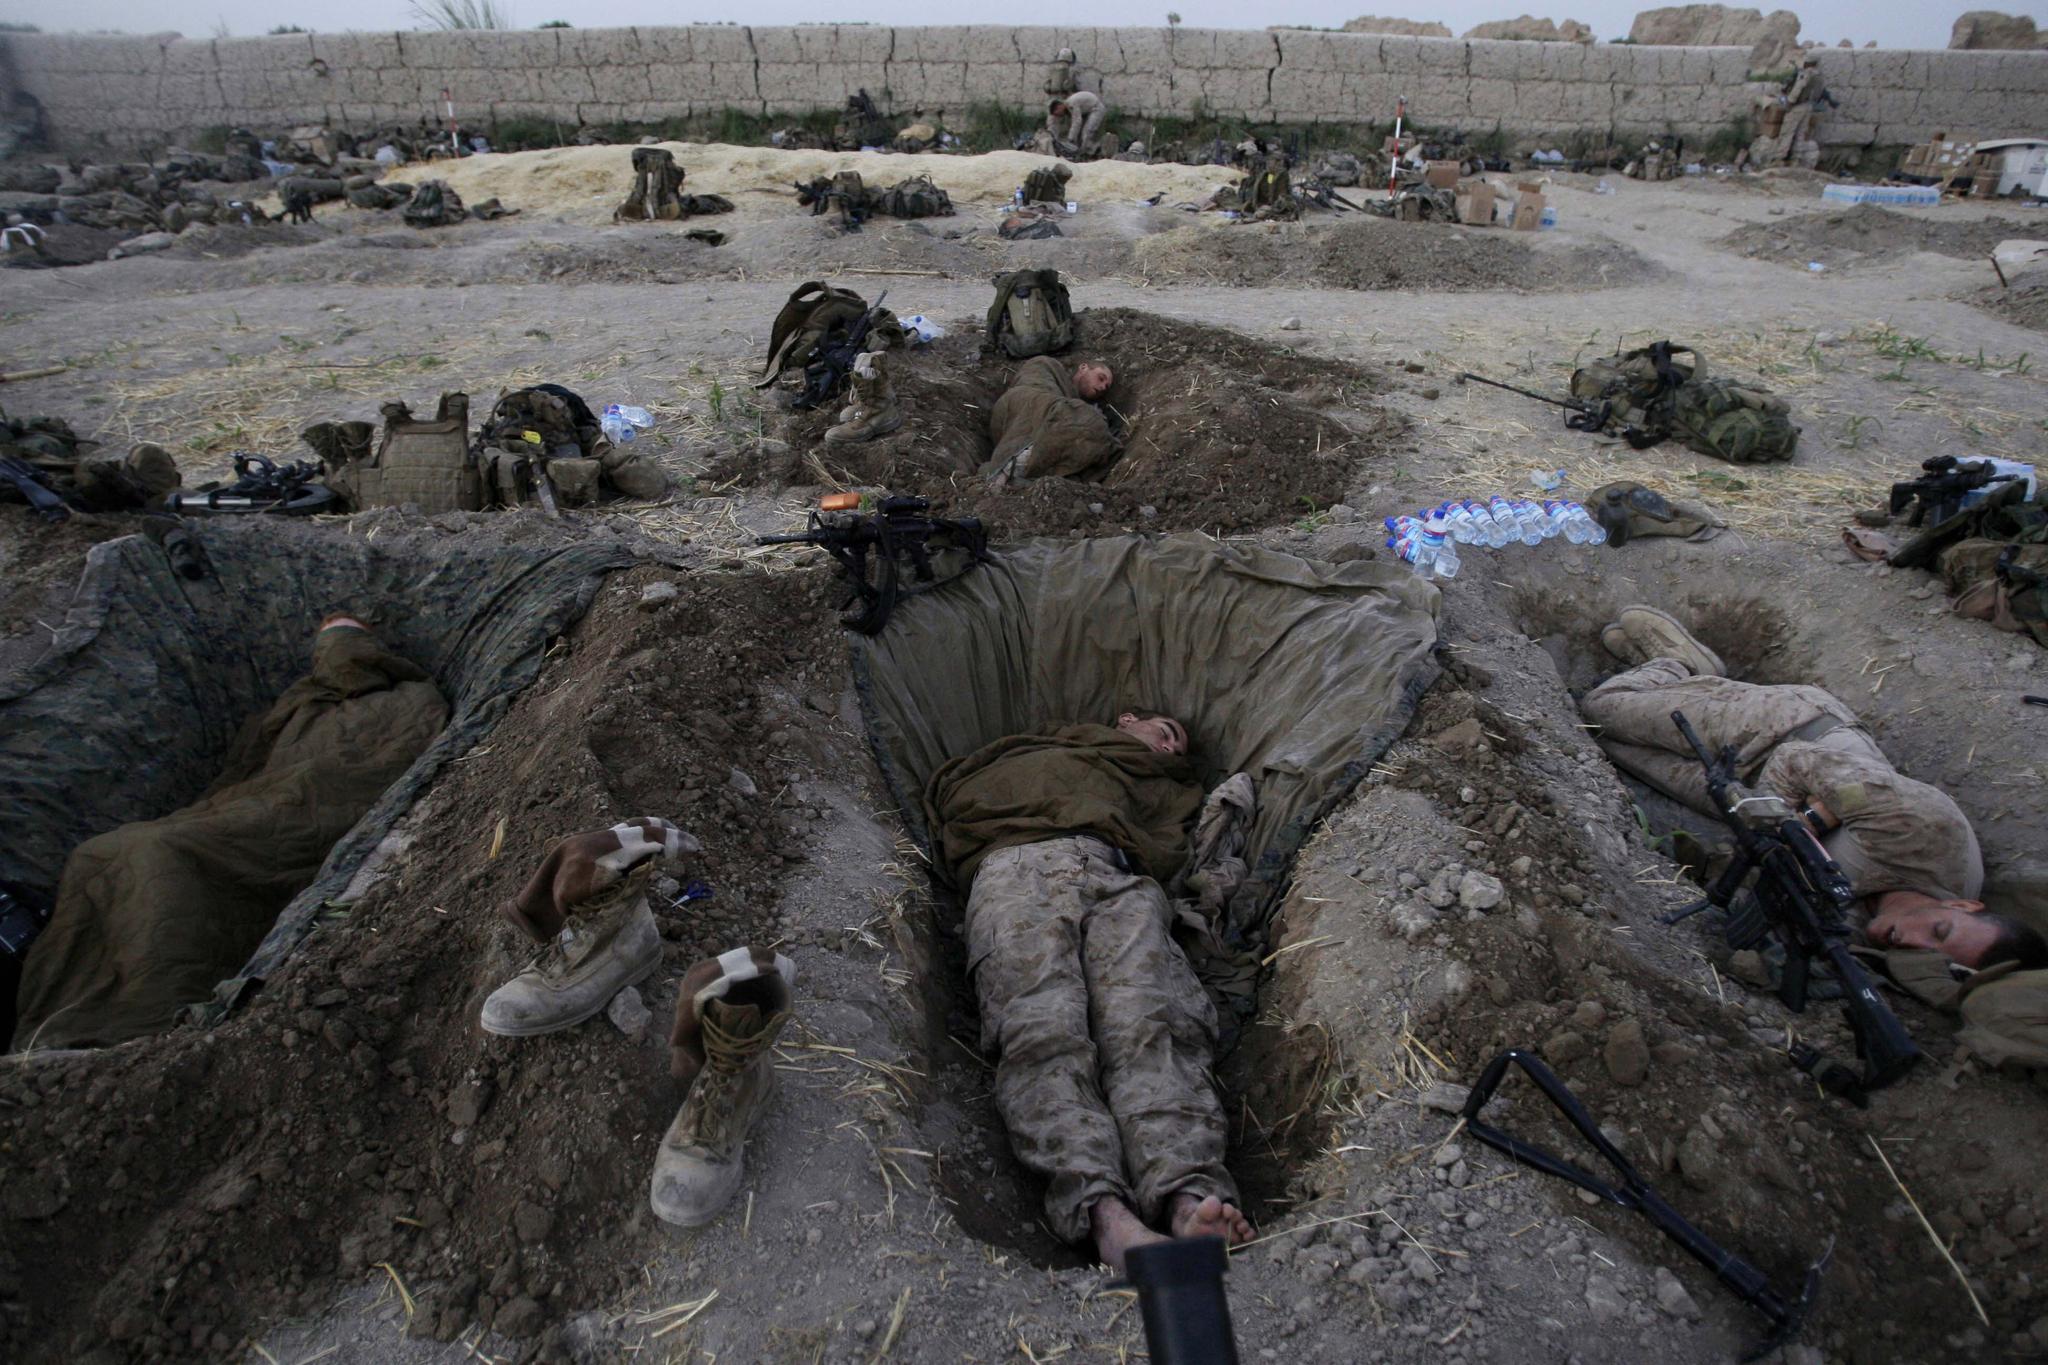 시신 같지만 미군이 기지 내의 전투 참호(fighting holes)에서 휴식을 취하는 모습이다. 2009년 7월 8일 아프간 헬만드 주 전투 현장이다. AP=연합뉴스